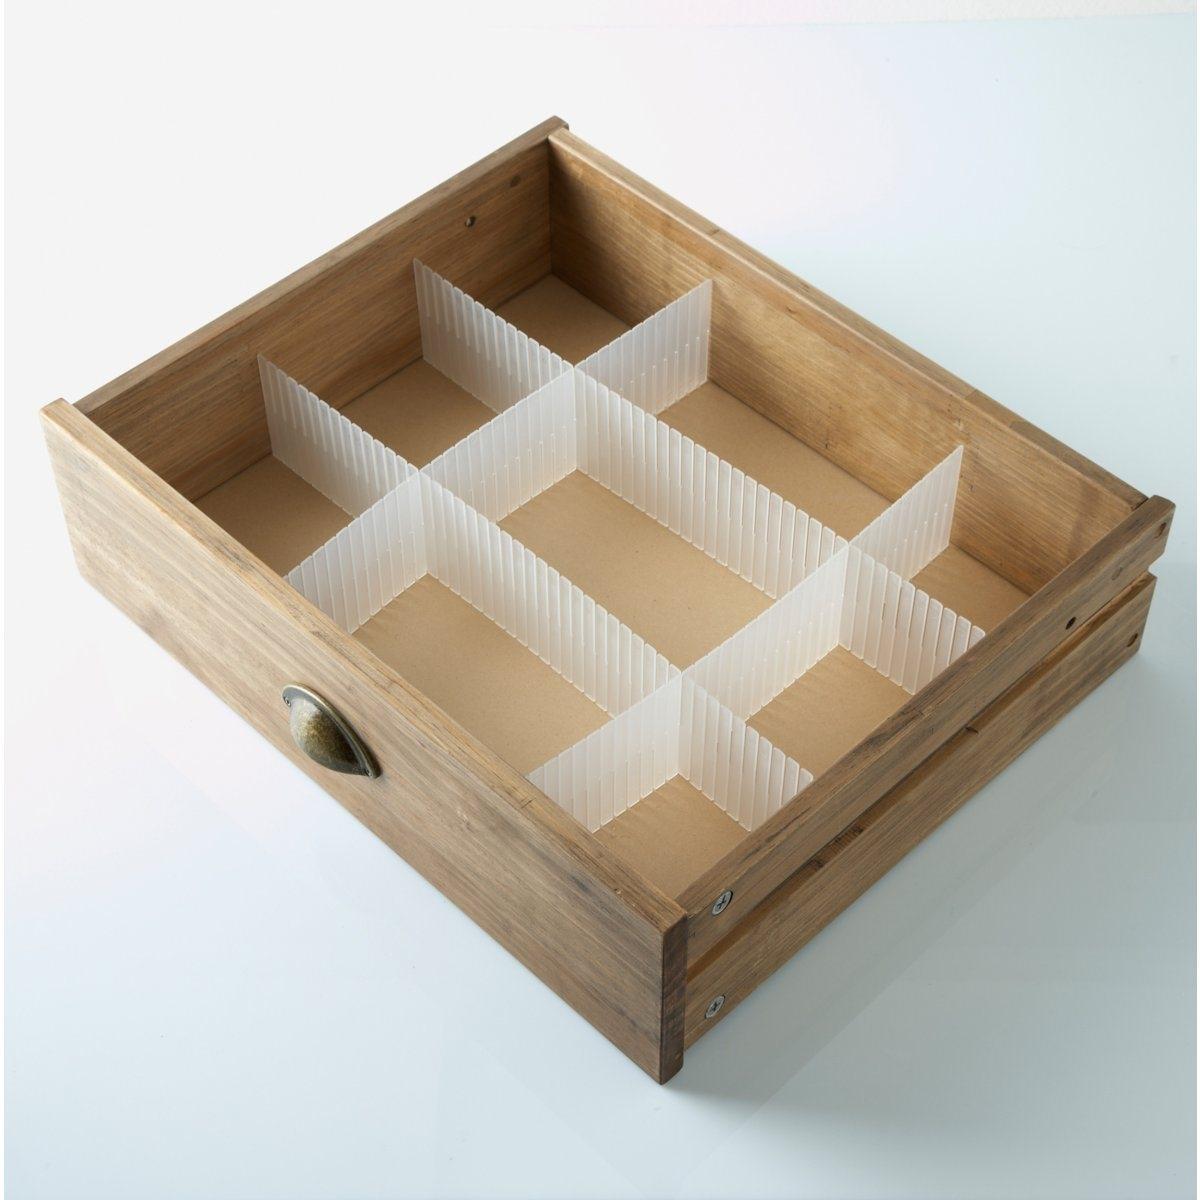 Органайзер для ящика комода (4 планки)Органайзер для удобного размещения вещей в ящике комода!Описание органайзера для ящика комода:4 планки легко и быстро монтируются и демонтируются, позволяя в мгновение ока навести порядок в ящиках комодов и шкафов!Этот модульный органайзер адаптируется к размерам ящика. Характеристики органайзера для ящика комода:100% полипропилена. Другие приспособления для хранения - на сайте laredoute.ru.Размер органайзера для ящика комода:Длина: 52 см. Высота: 9 см. Толщина: 0,05 см. Длина: 43 см. Высота: 9 см<br><br>Цвет: прозрачный